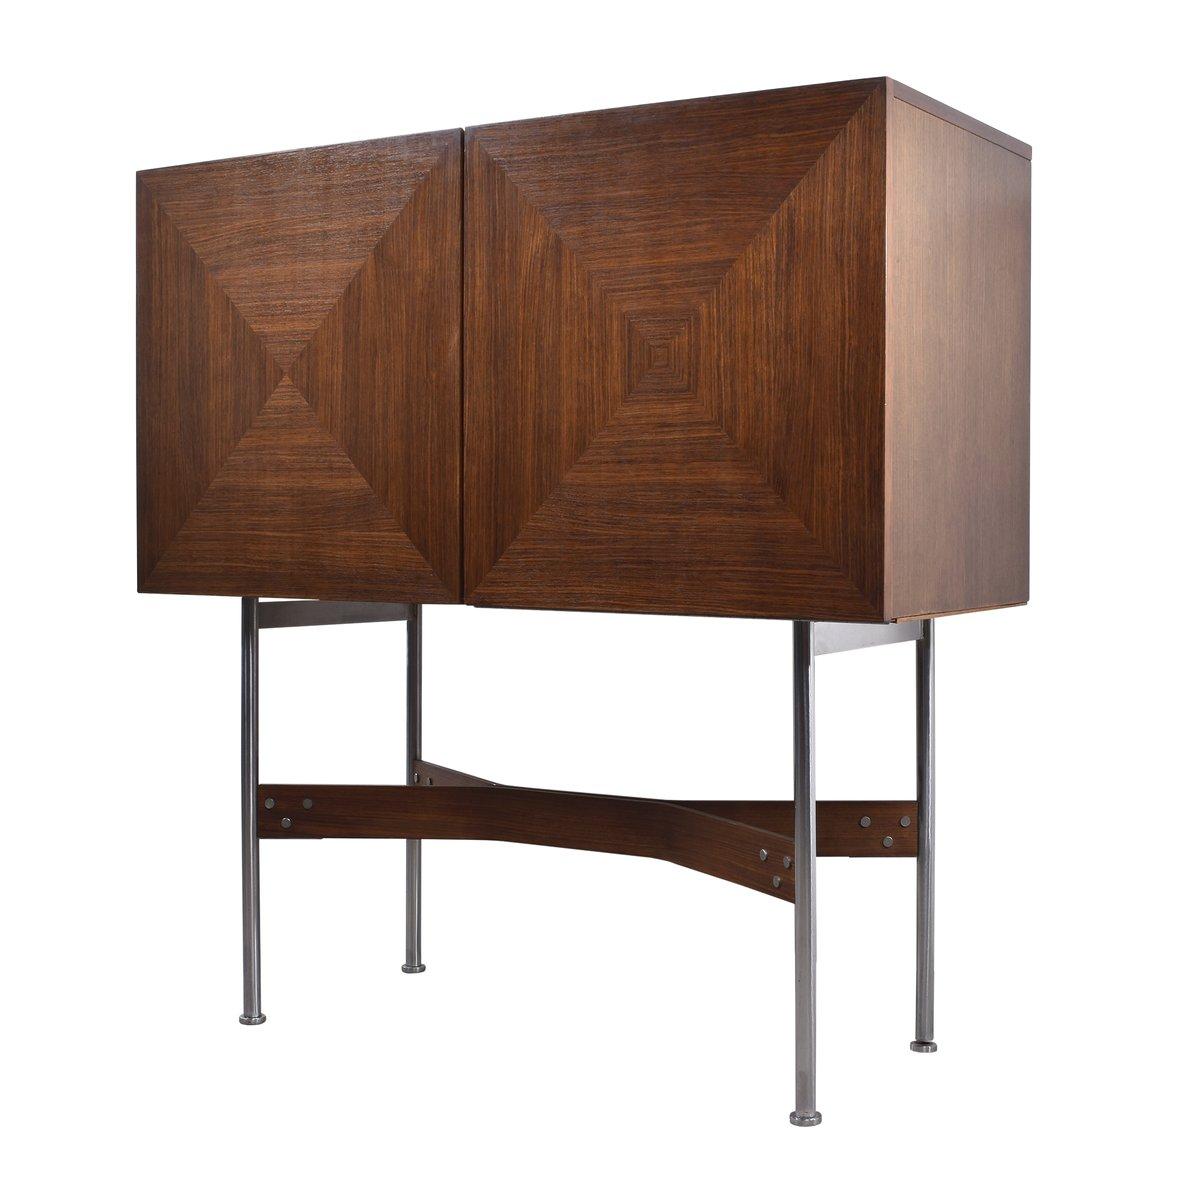 niederl ndischer vintage barschrank von rudolf bernd. Black Bedroom Furniture Sets. Home Design Ideas